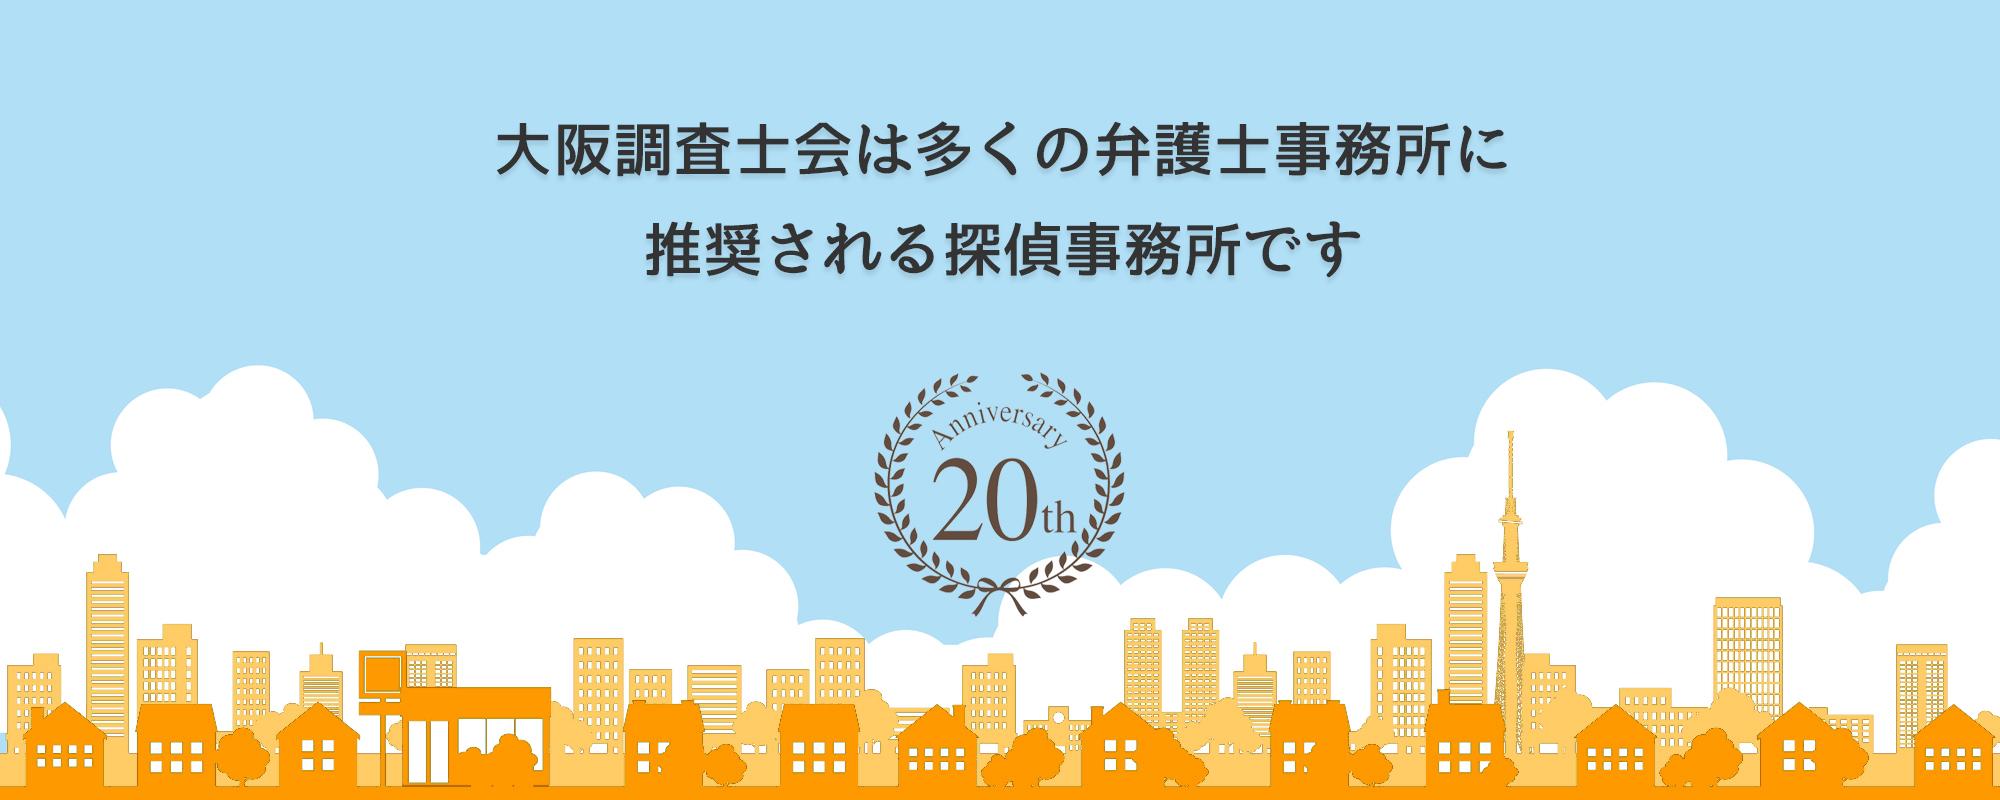 大阪相談室は多くの弁護士事務所に推奨されています。